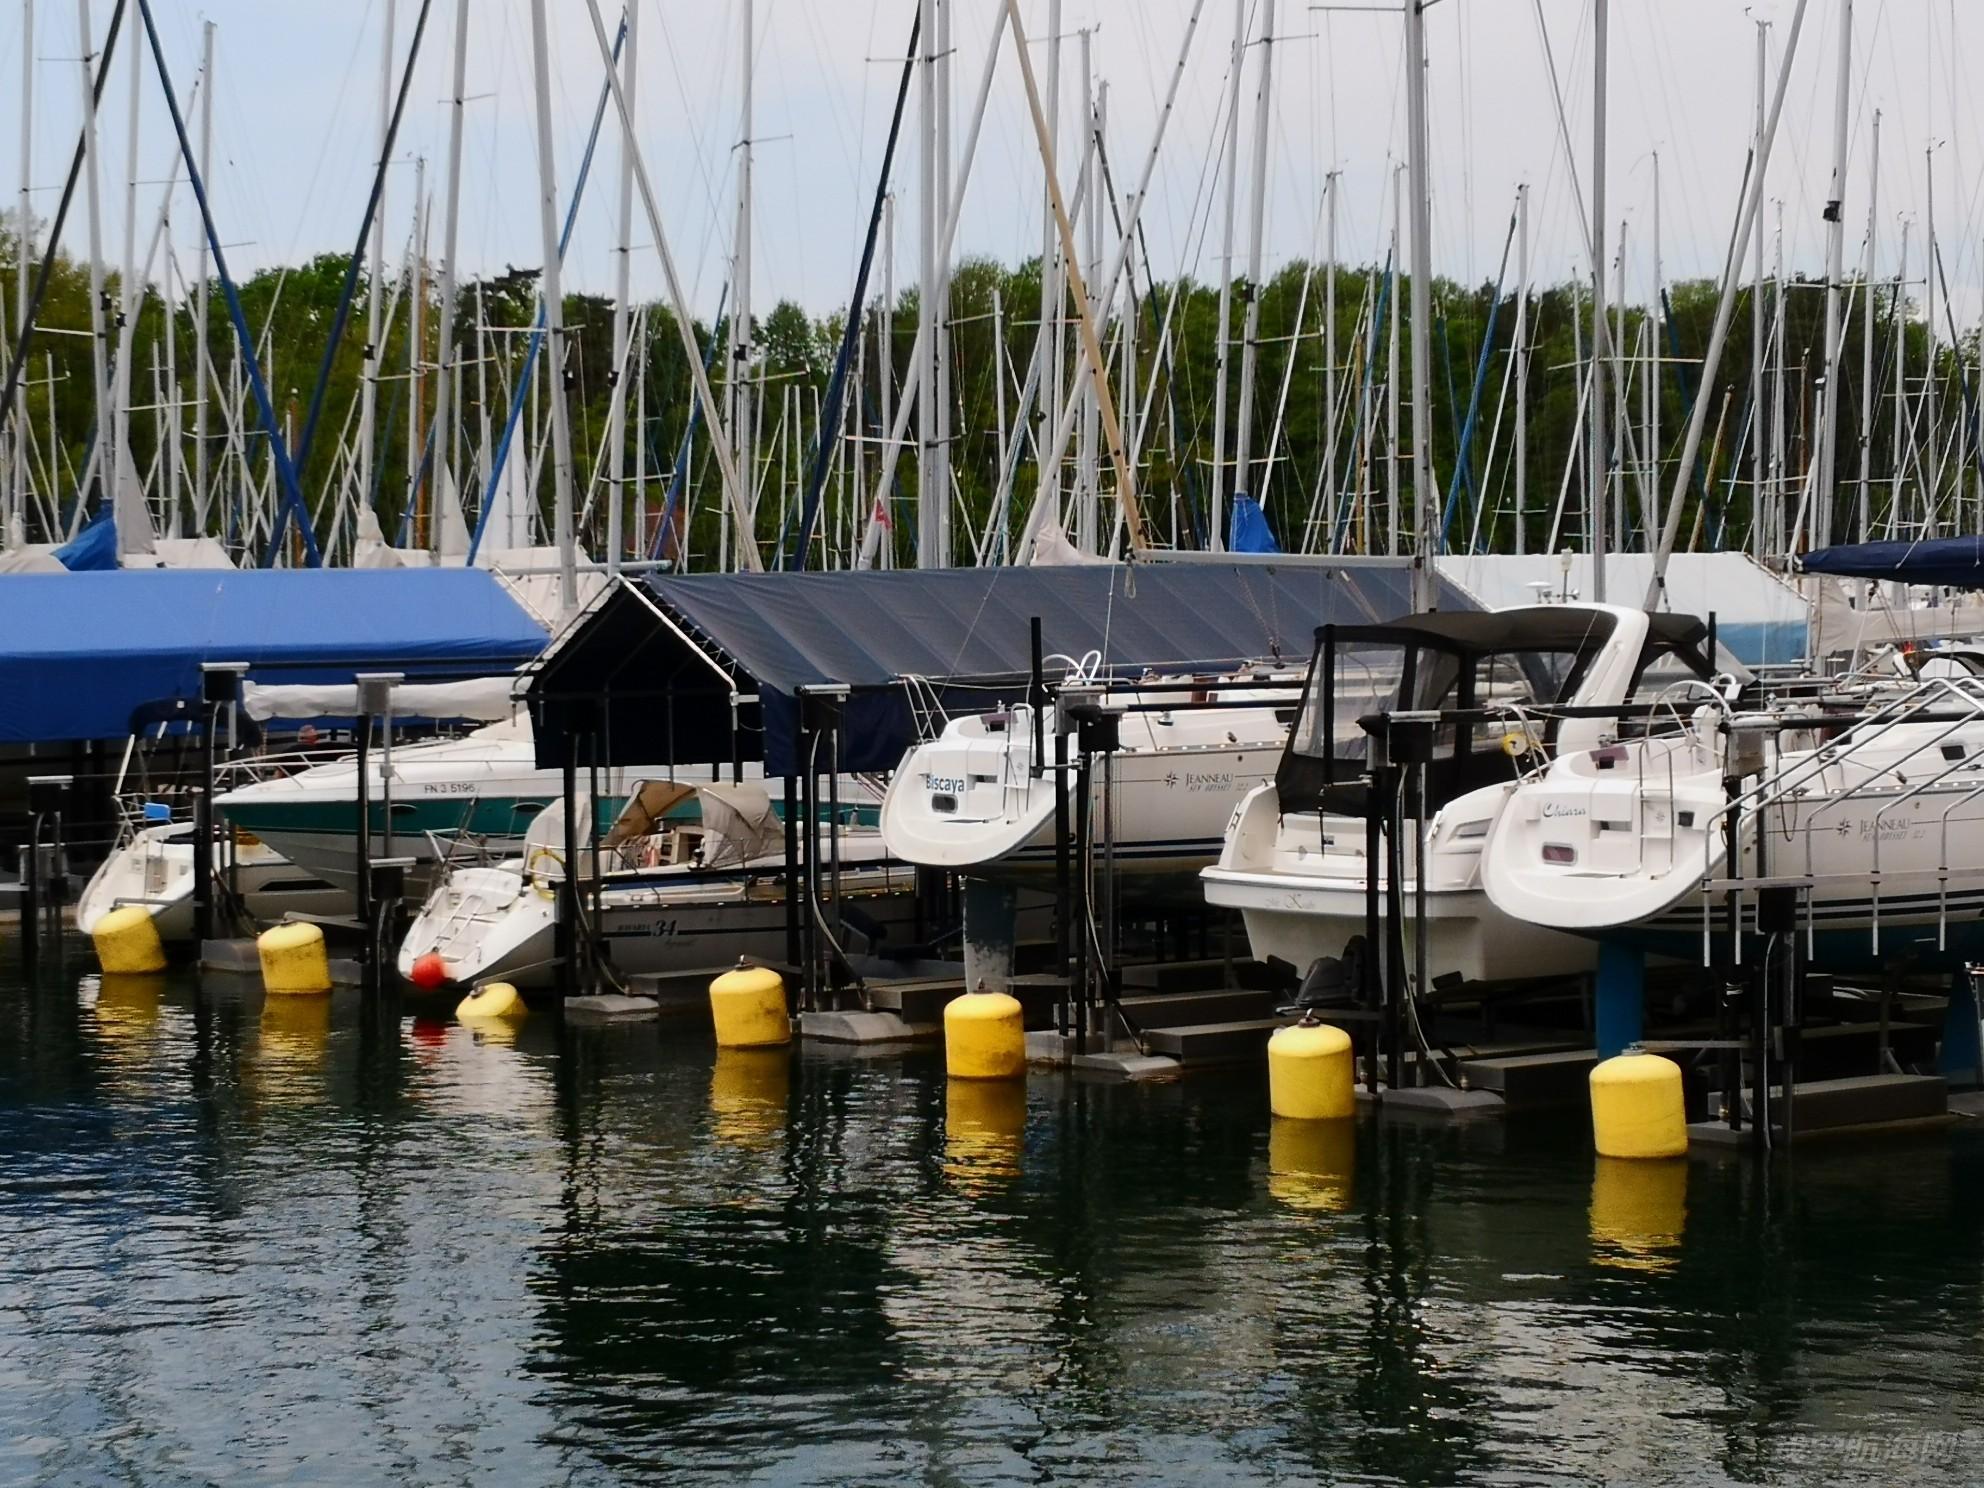 帆船港见闻之德国瑞士边界博登湖畔LINDAU市帆船港